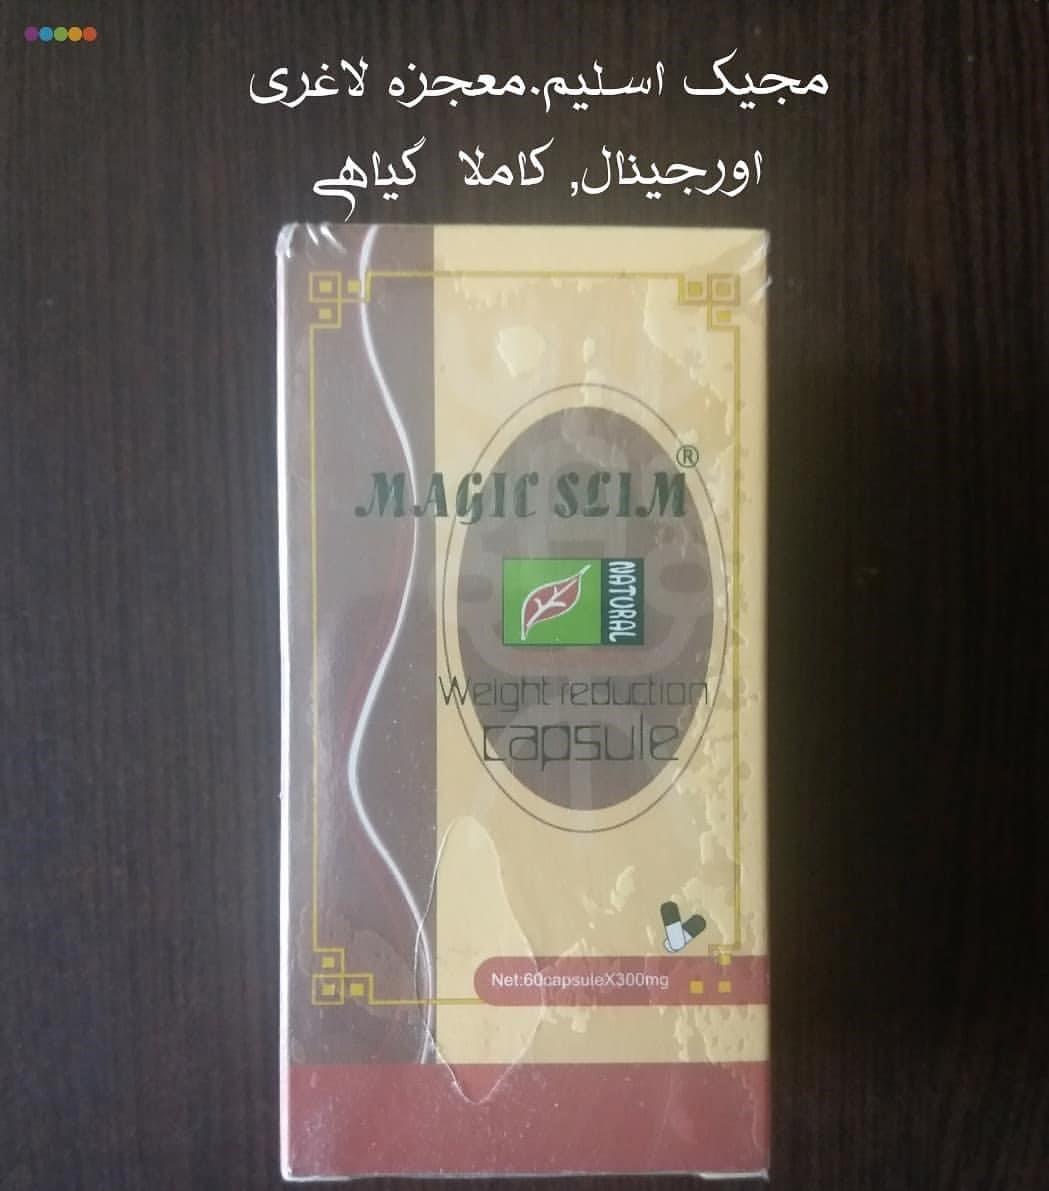 مجیک اسلیم